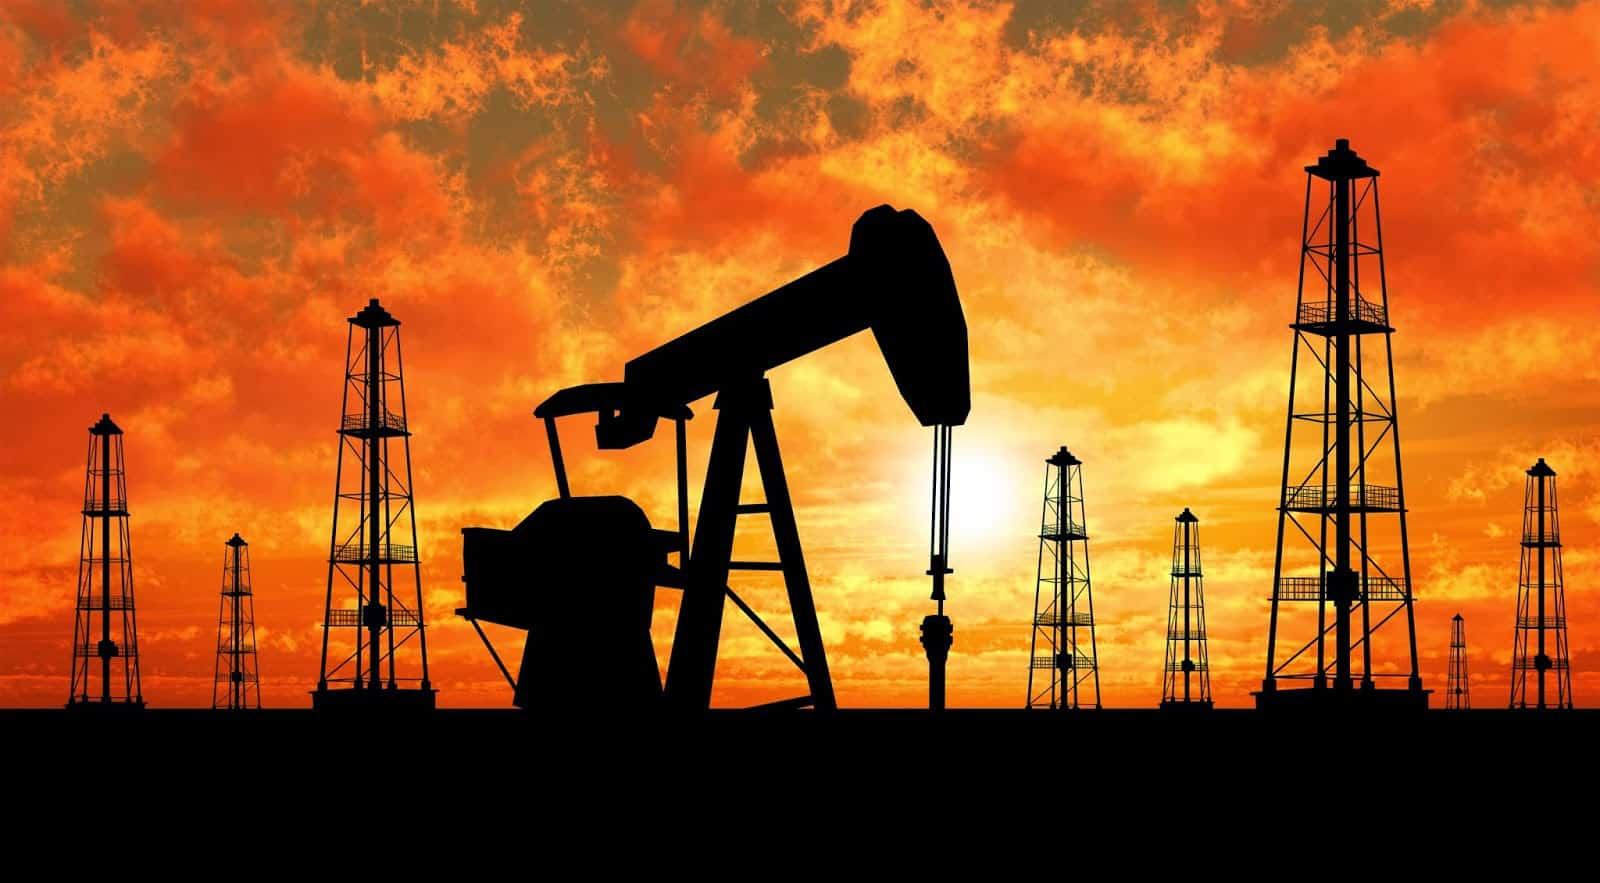 هكذا تقودنا أزمة فيروس كورونا نحو نهاية عصر النفط